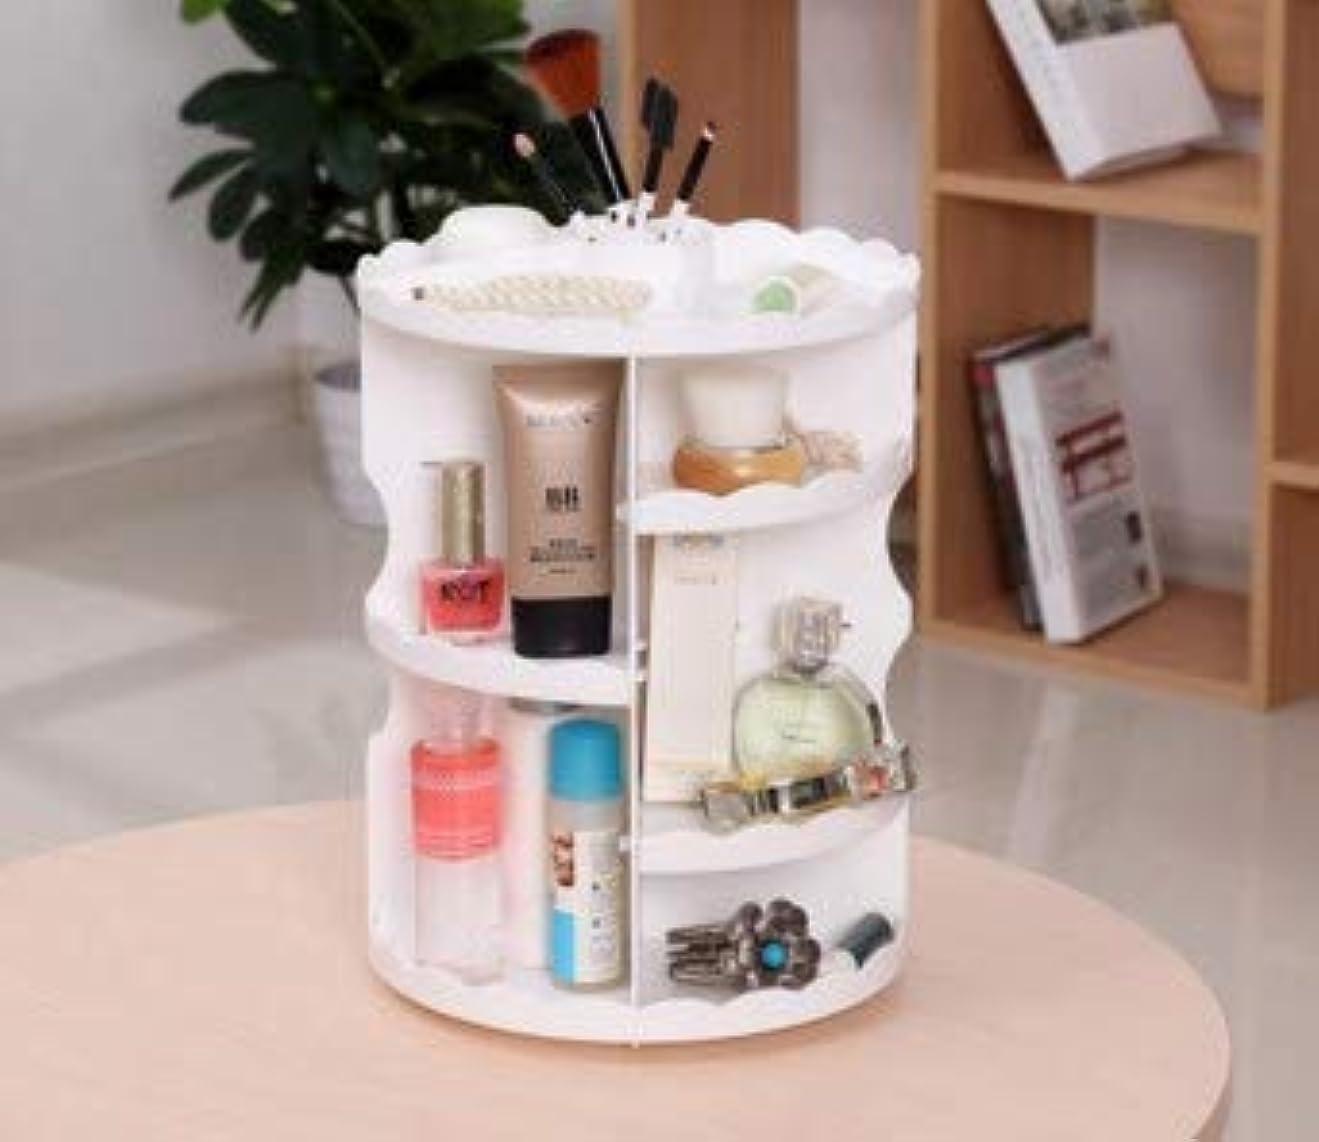 植生反論暴徒化粧品収納ボックスプラスチックデスクトップクリエイティブ家庭用化粧台仕上げ回転化粧品収納ラック (Color : ホワイト)